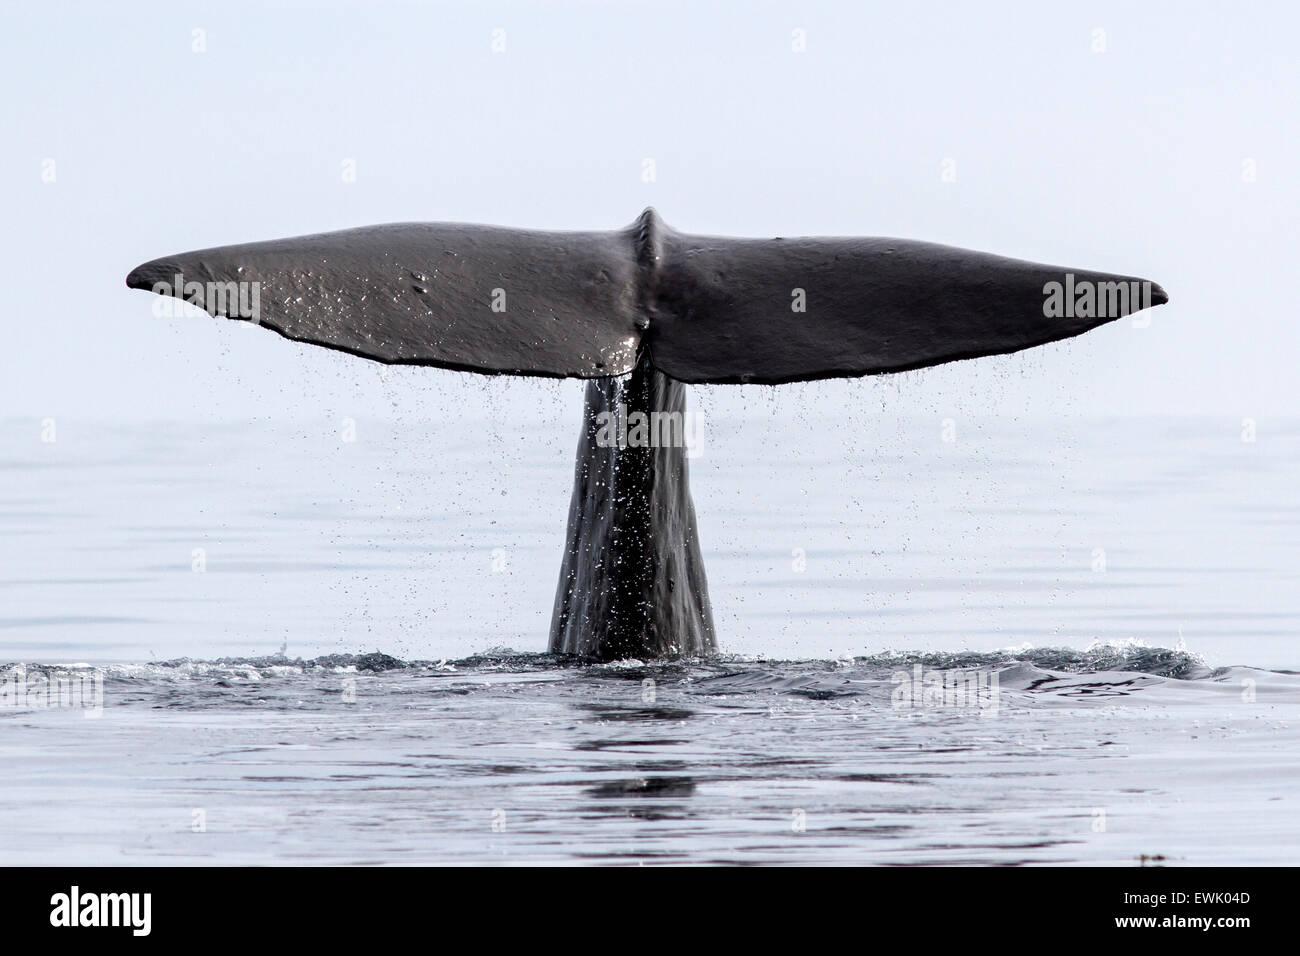 La cola de la Ballena de esperma que se sumerge en las aguas del Océano Pacífico Imagen De Stock